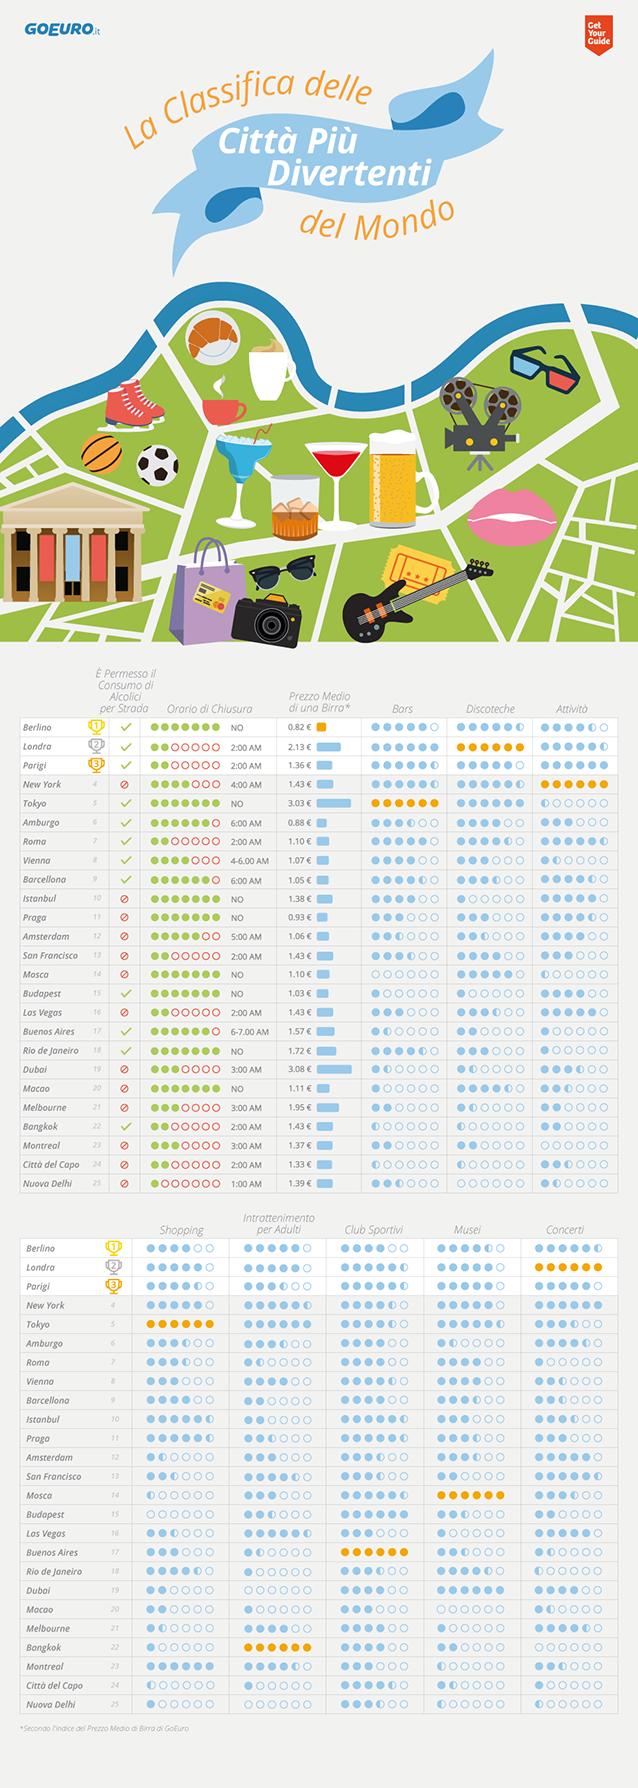 L'infografica di GoEuro e GetYourGuide.